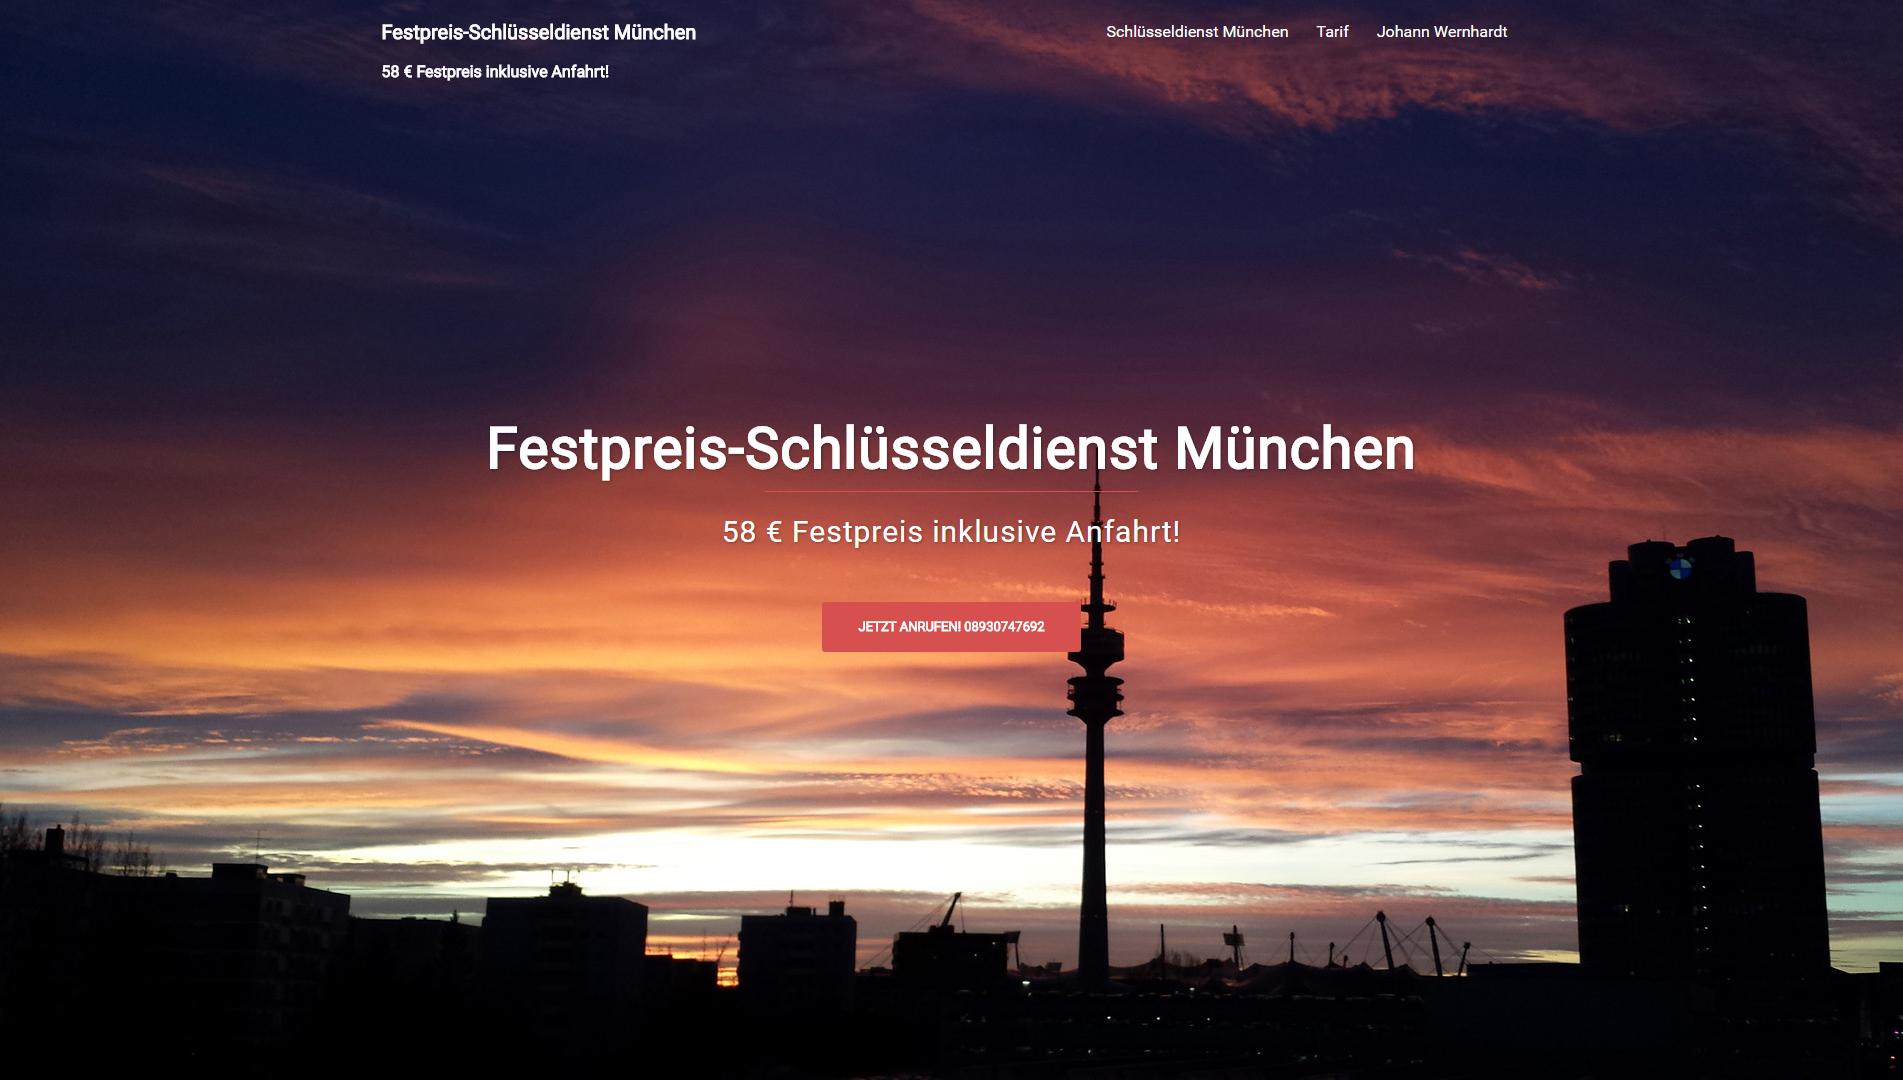 Festpreis-Schlüsseldienst-München